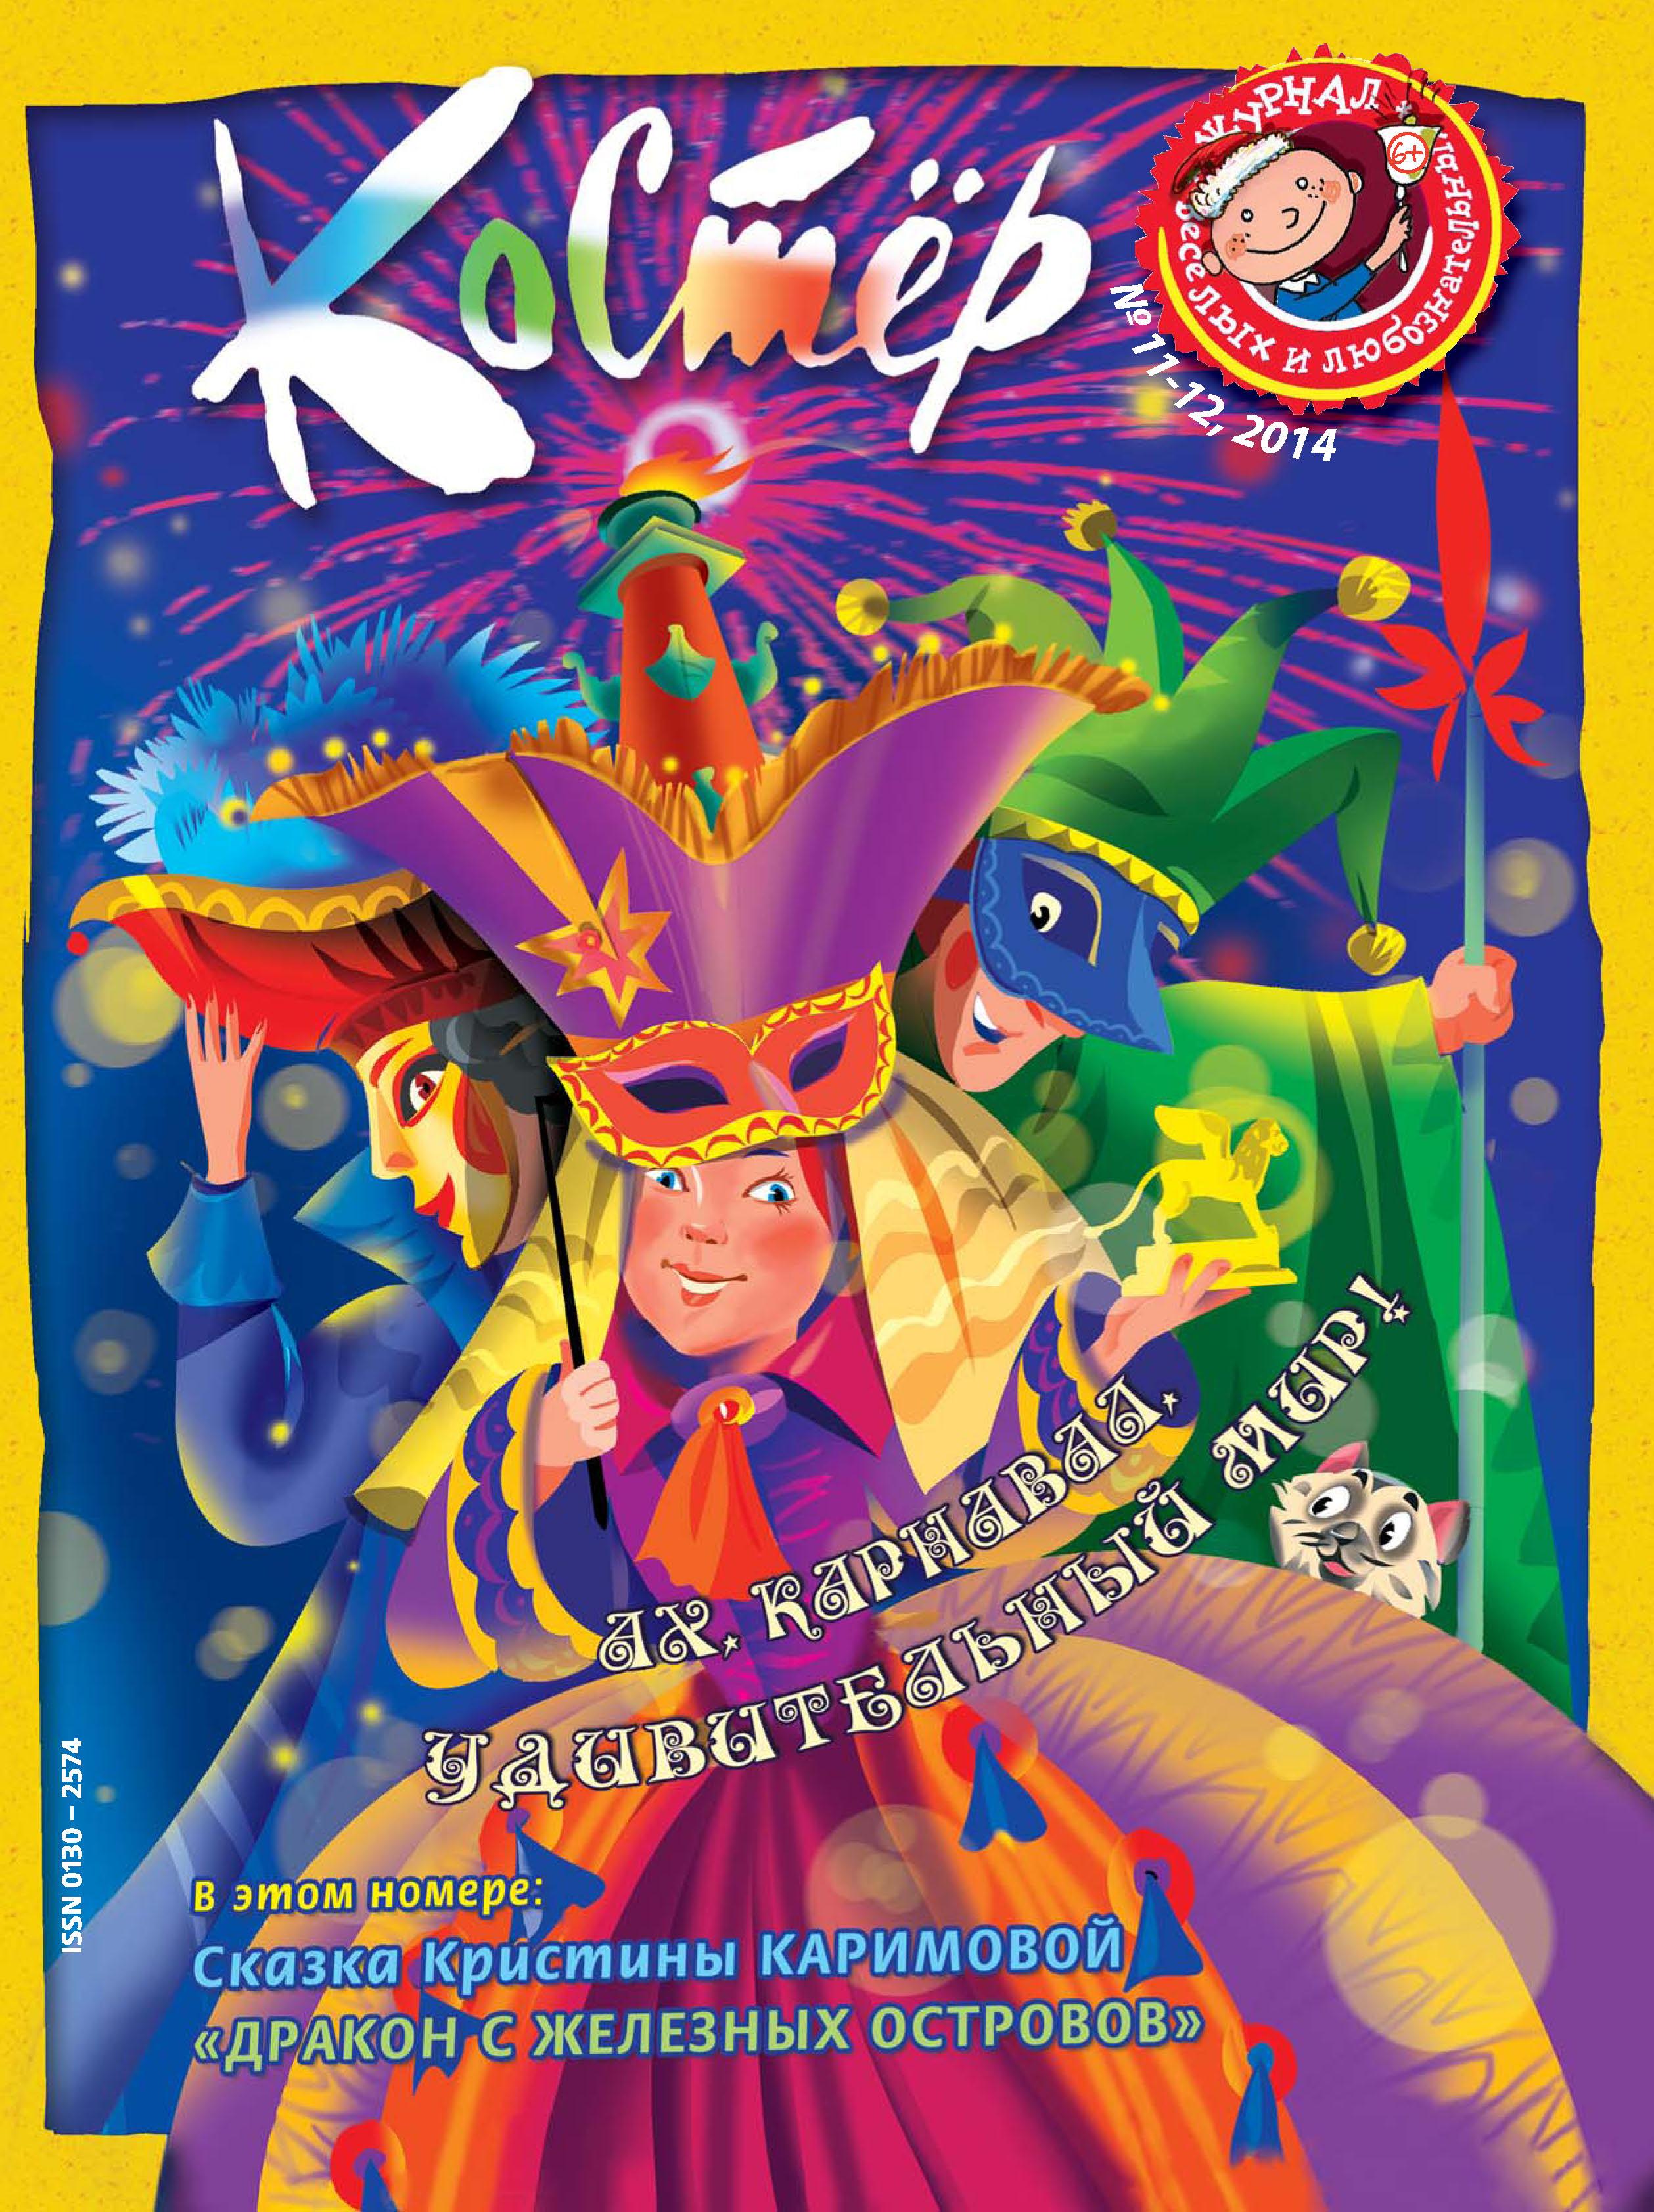 Отсутствует Журнал «Костёр» №11-12/2014 отсутствует журнал костёр 08 2014